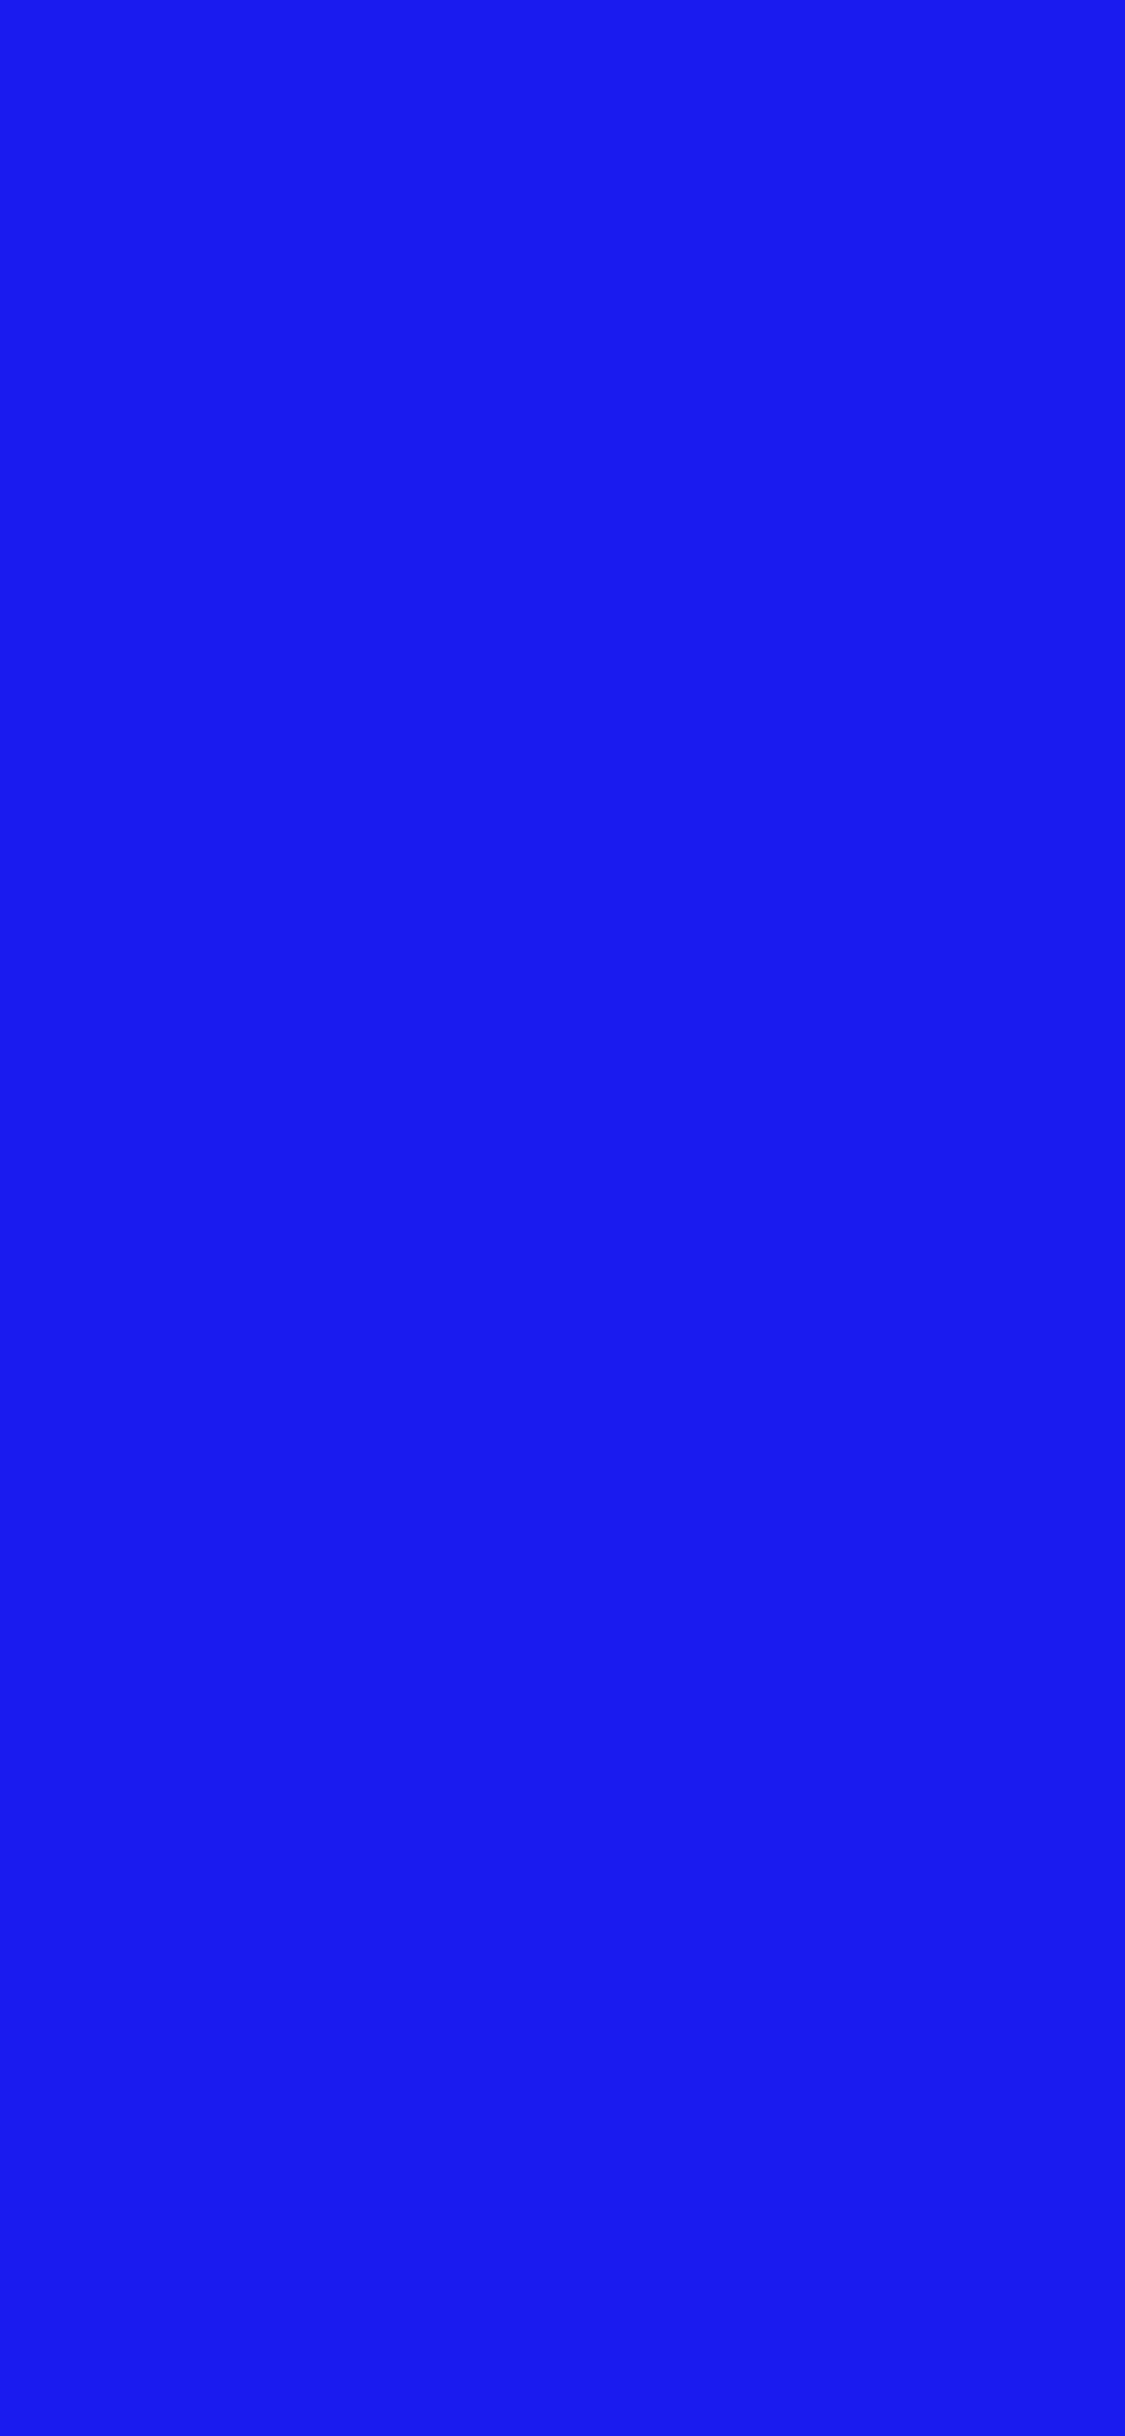 1125x2436 Bluebonnet Solid Color Background